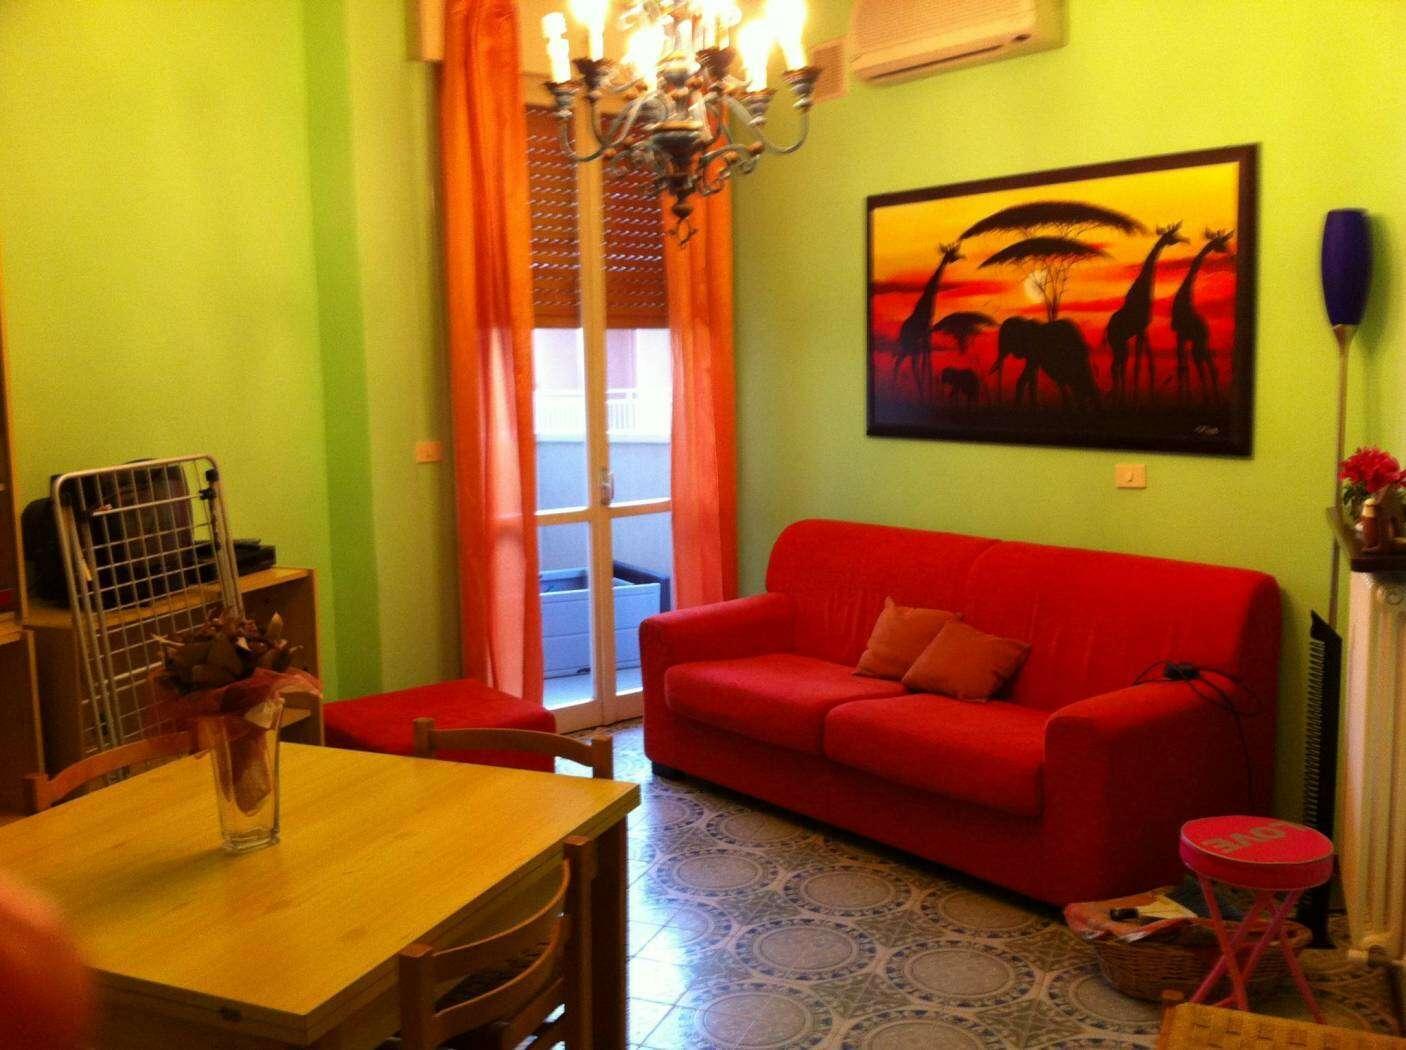 Appartamento pentalocale in affitto a Cesenatico Via Dante ...